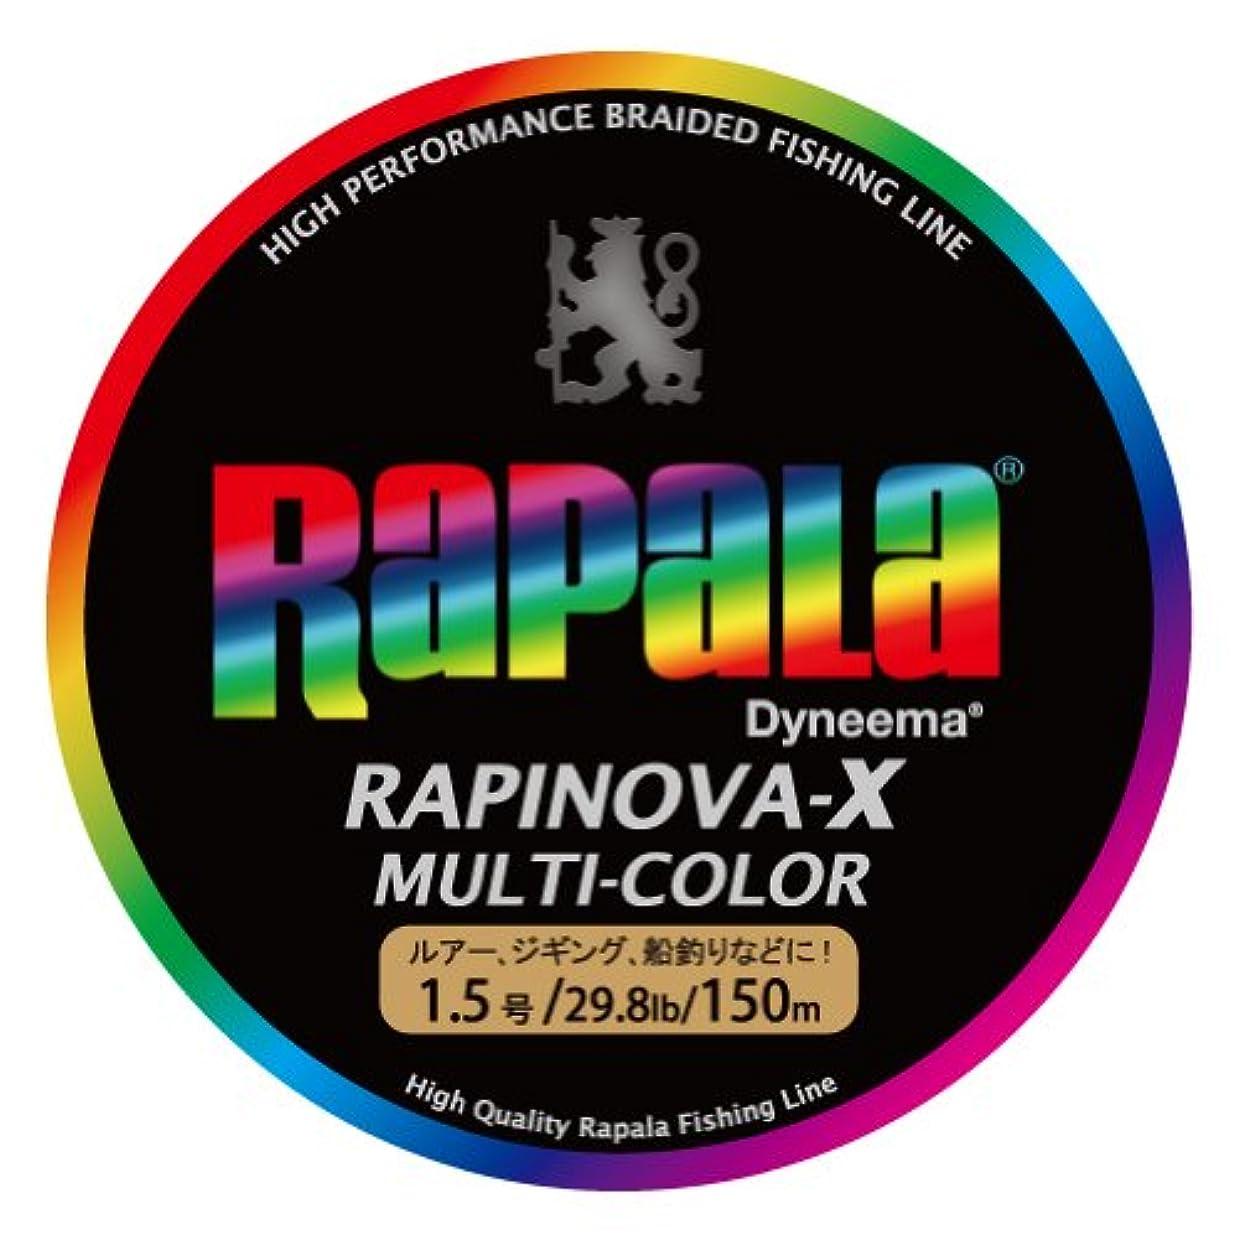 外出収入ルーキーラパラ(Rapala) PEライン ラピノヴァX マルチカラー 150m